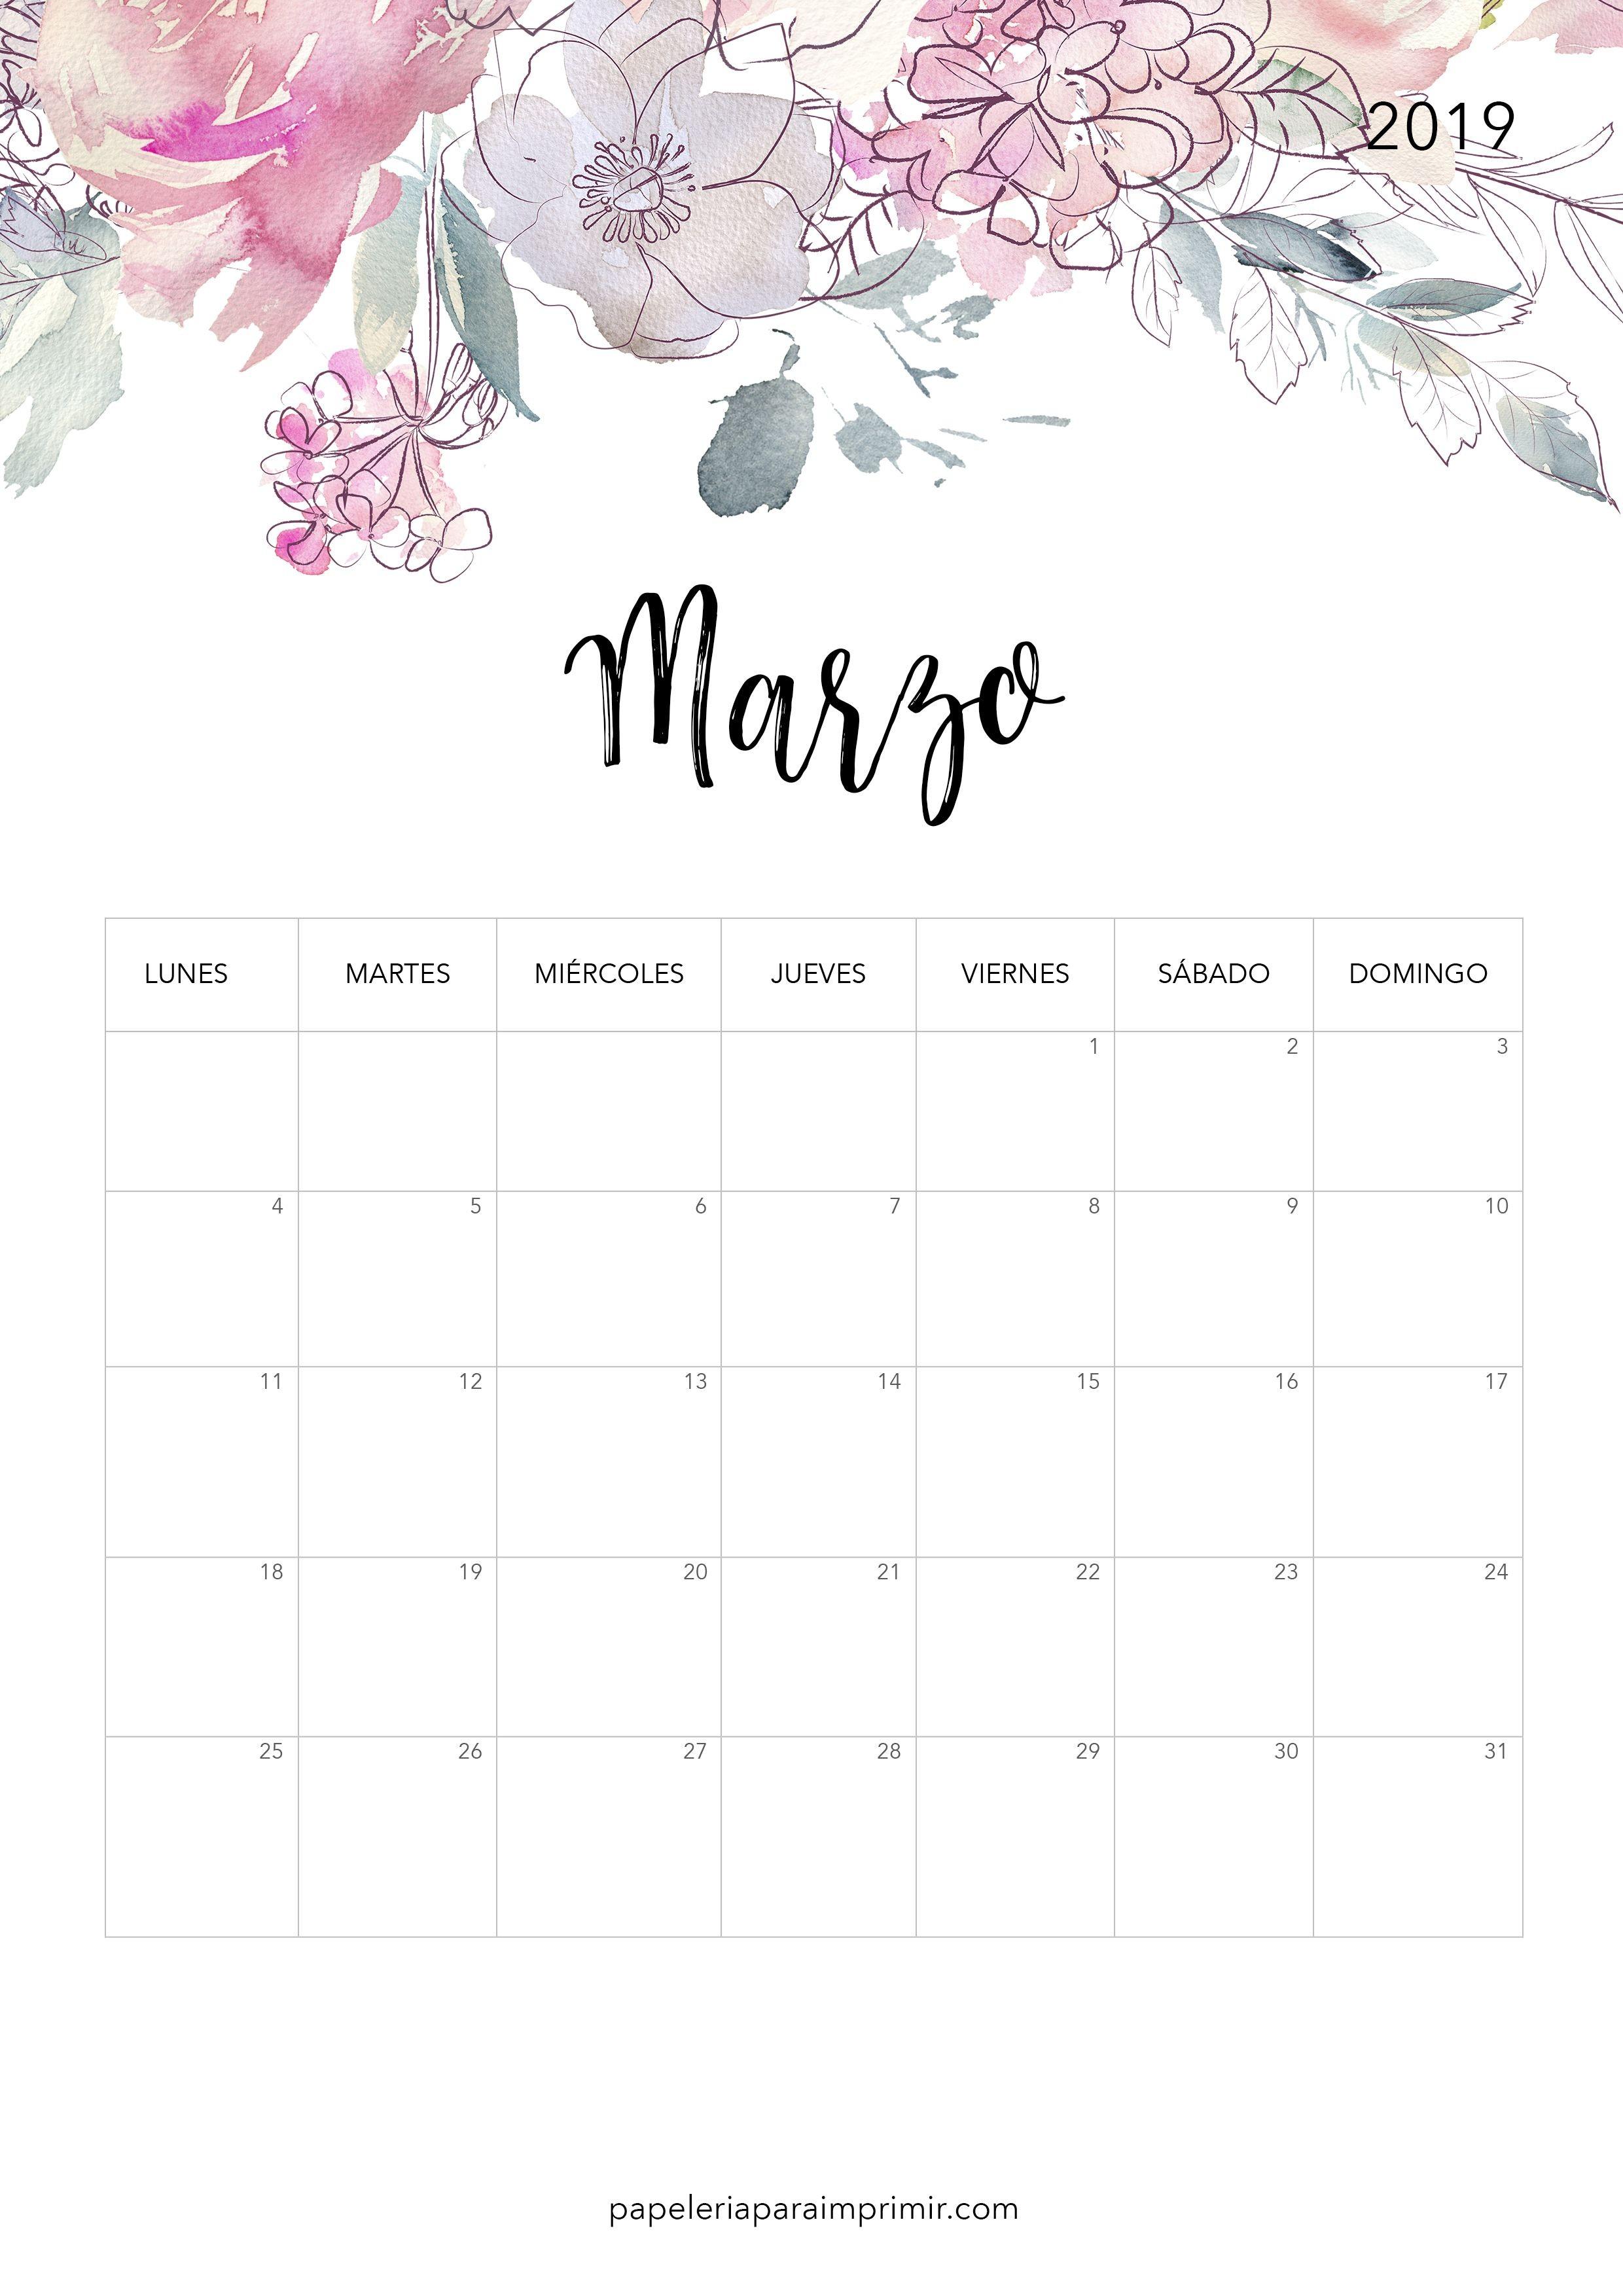 calendario para imprimir marzo calendario imprimir marzo march printable E82f5c56bc672a ba c096 nii=t